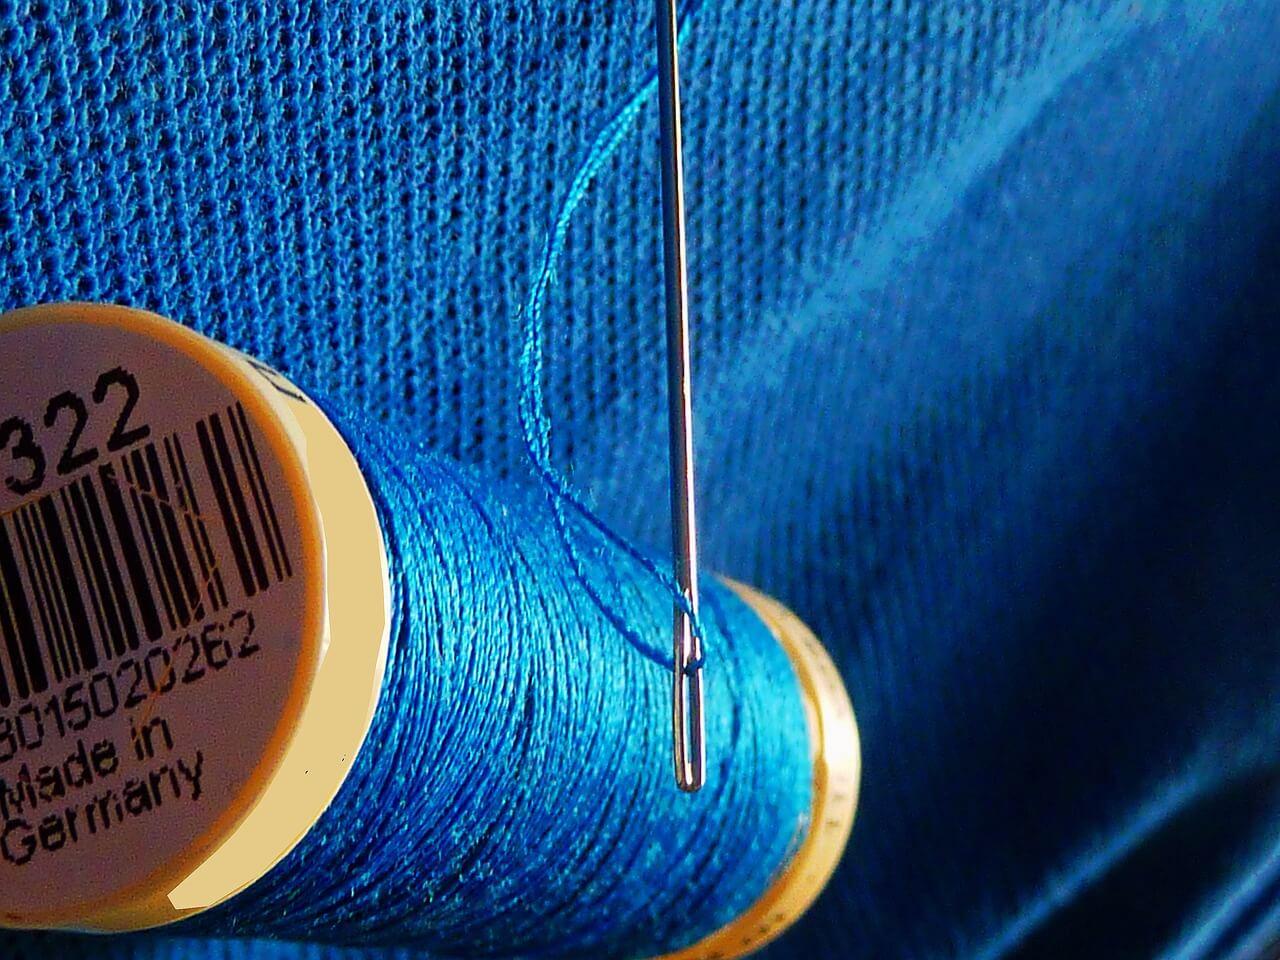 нитки иголка сделано в германии